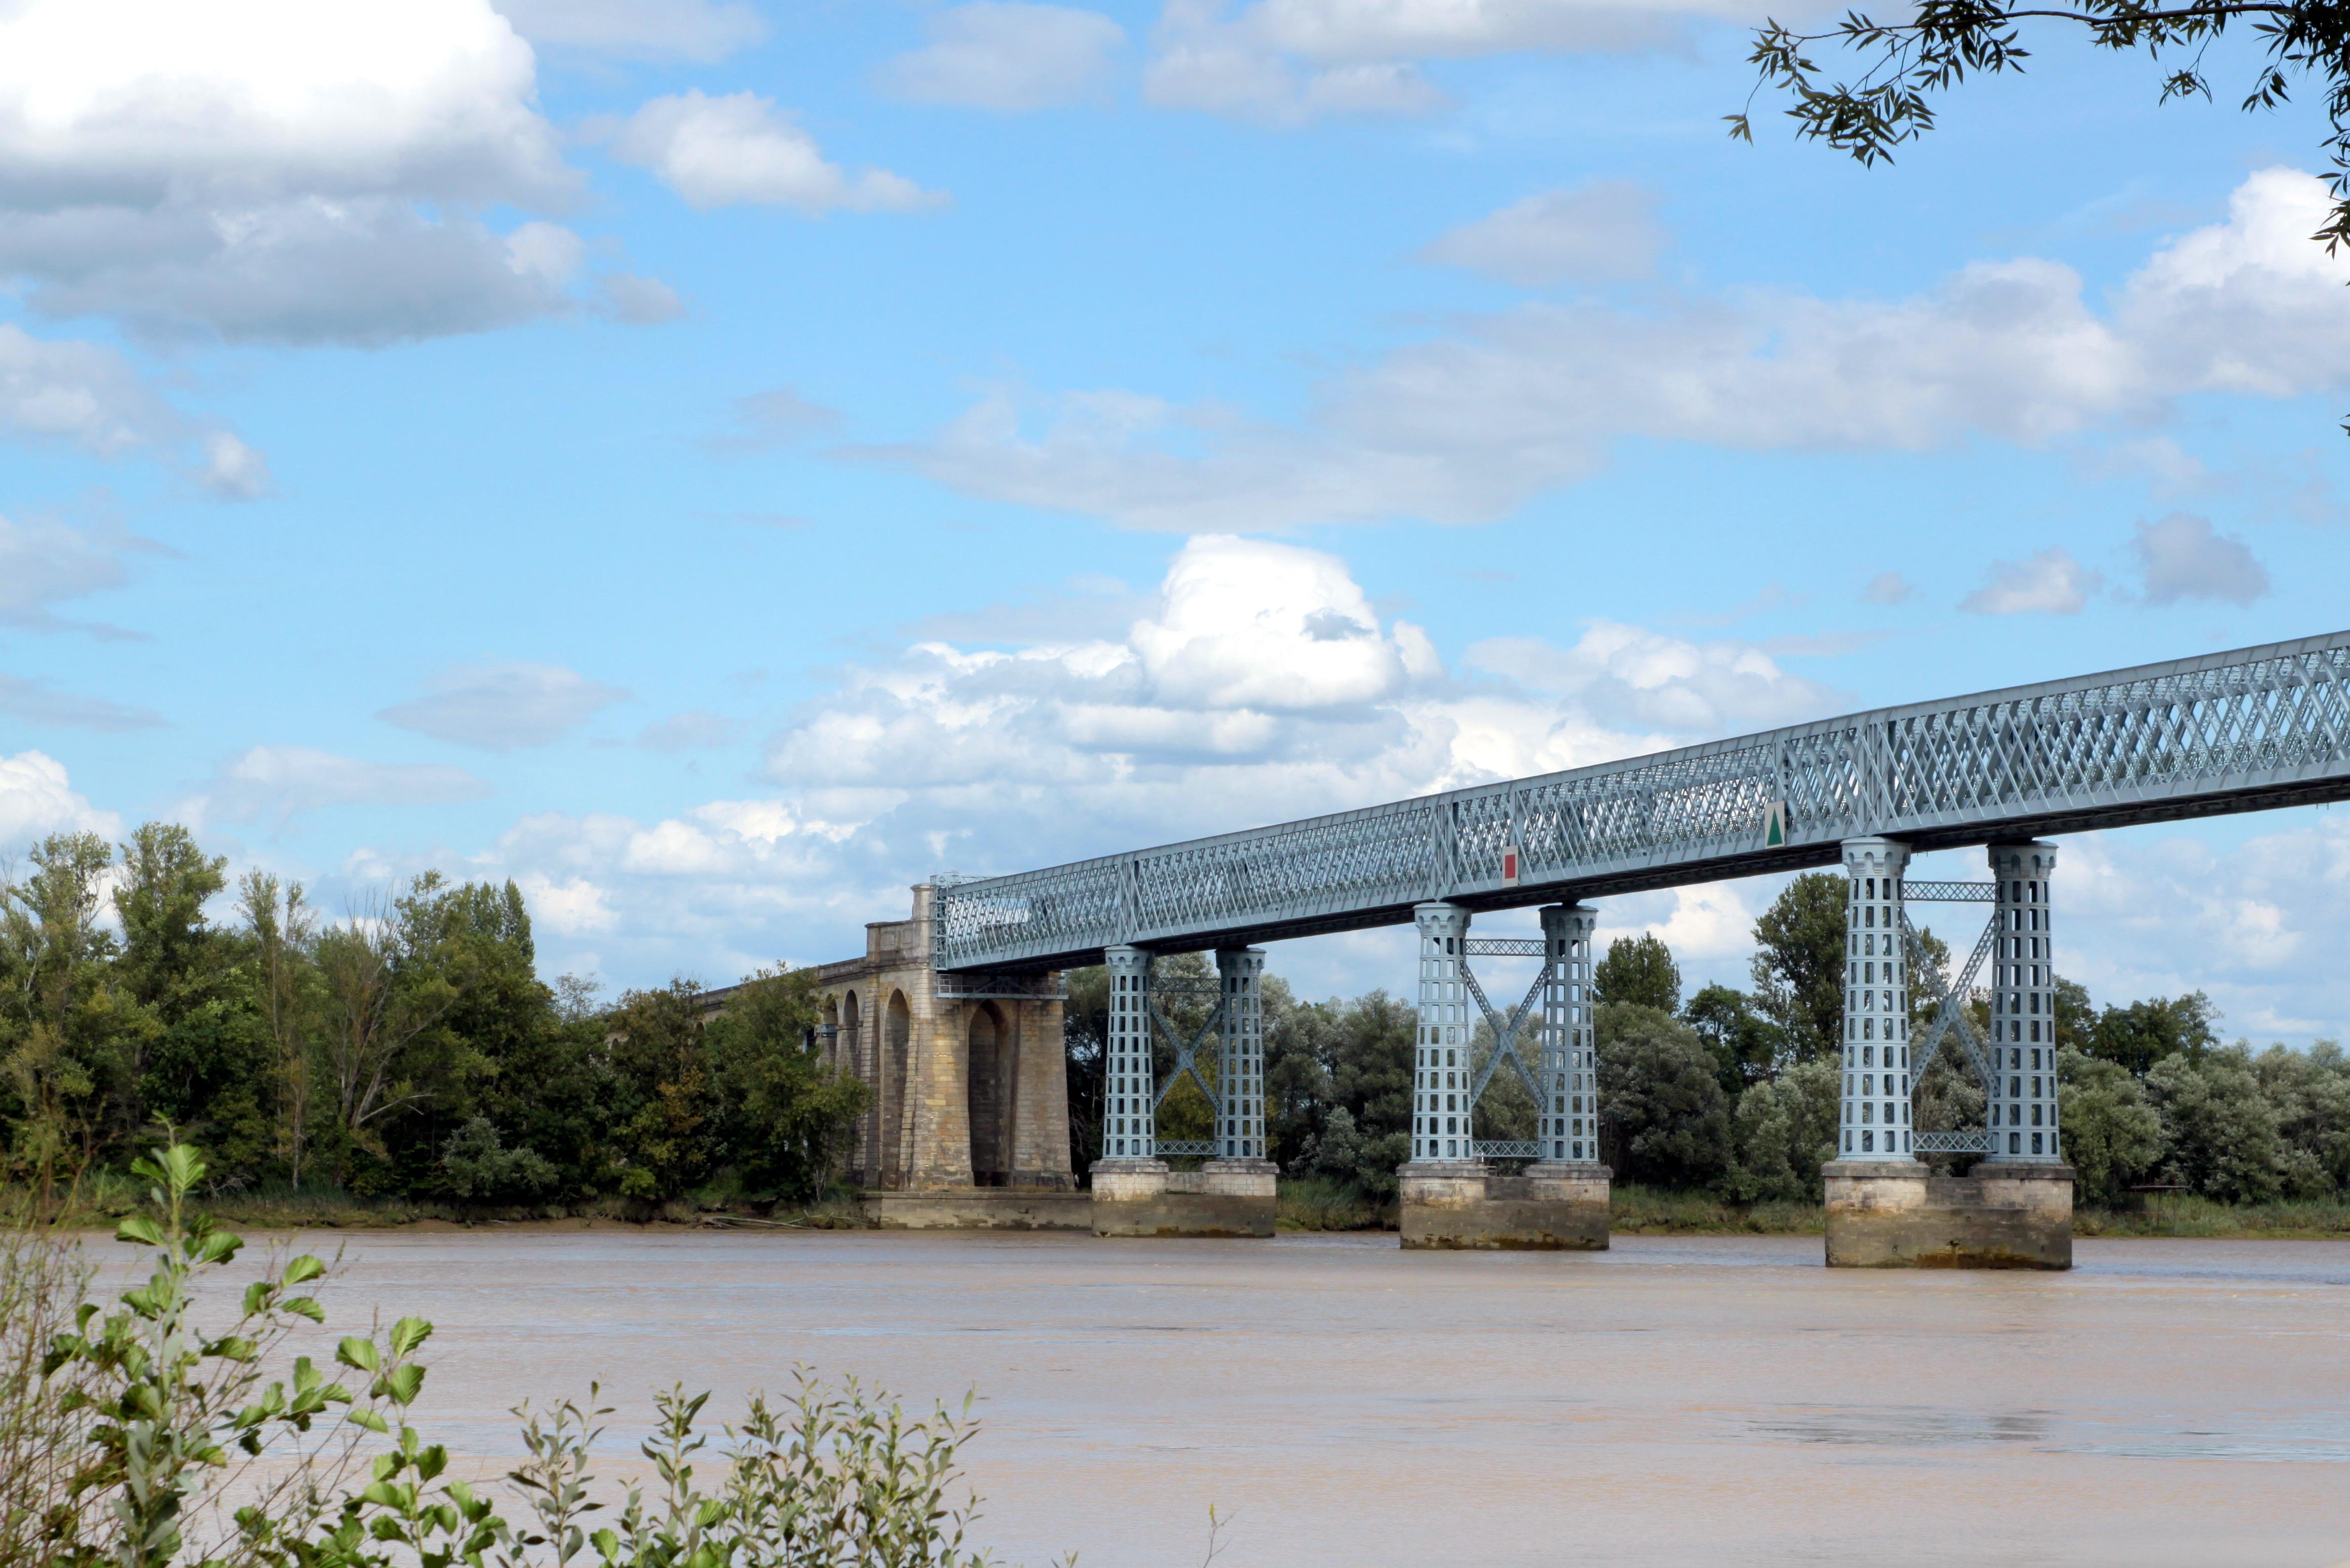 Le pont de la départementale 1010 à Cubzac-les-Ponts, près de Bordeaux, construit par Gustave Eiffel (photo de Les Meloures affichée depuis Wikimedia sous licence GFDL)